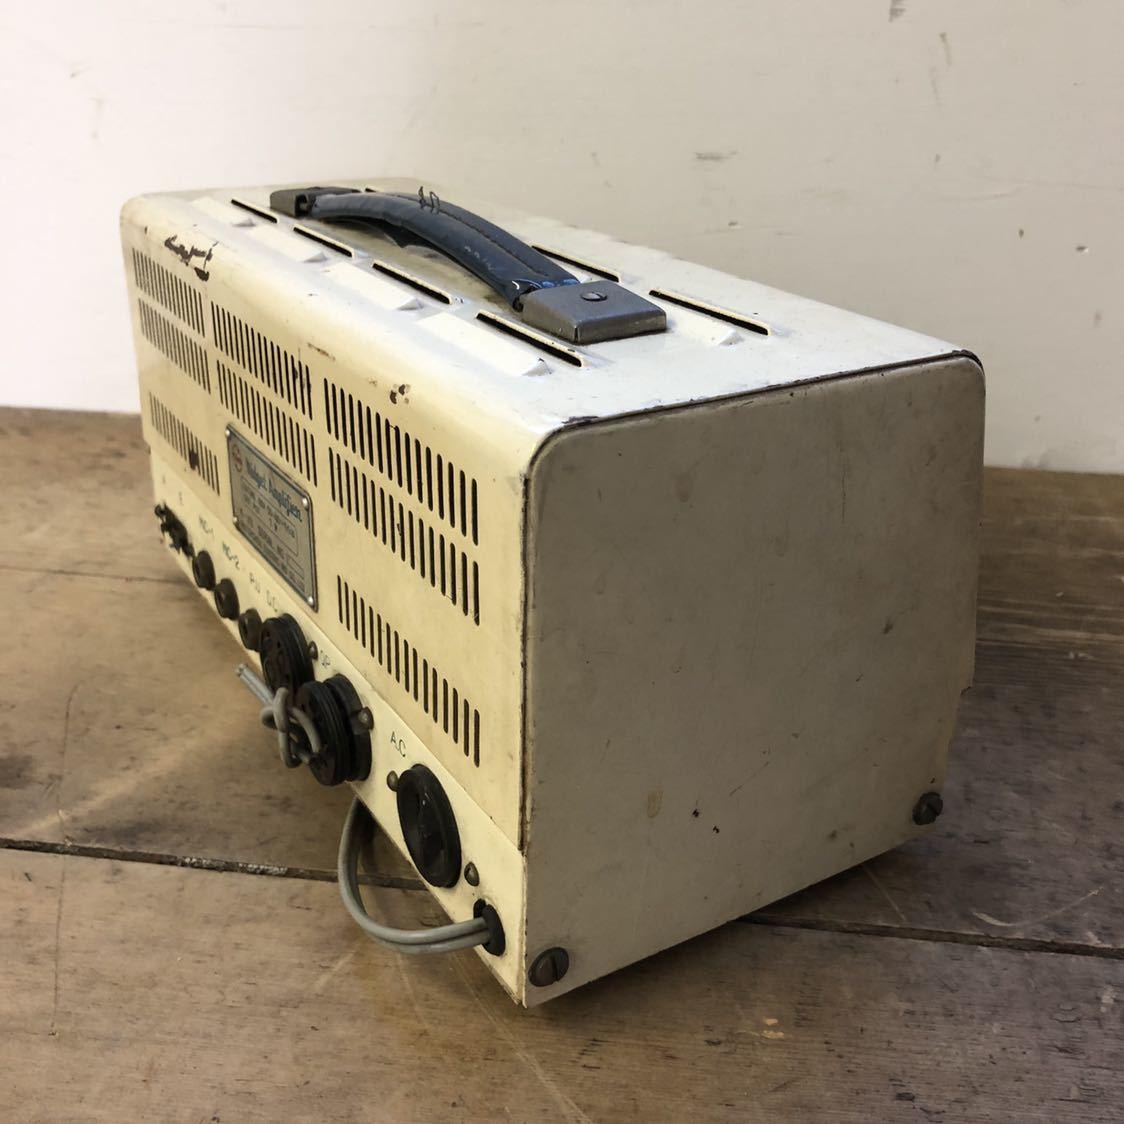 【ジャンク】 ナショナル 真空管 アンプ ラジオ midget amplifier ミッドナイト レトロ 昭和 アンティーク ヴィンテージ 部品取り_画像7